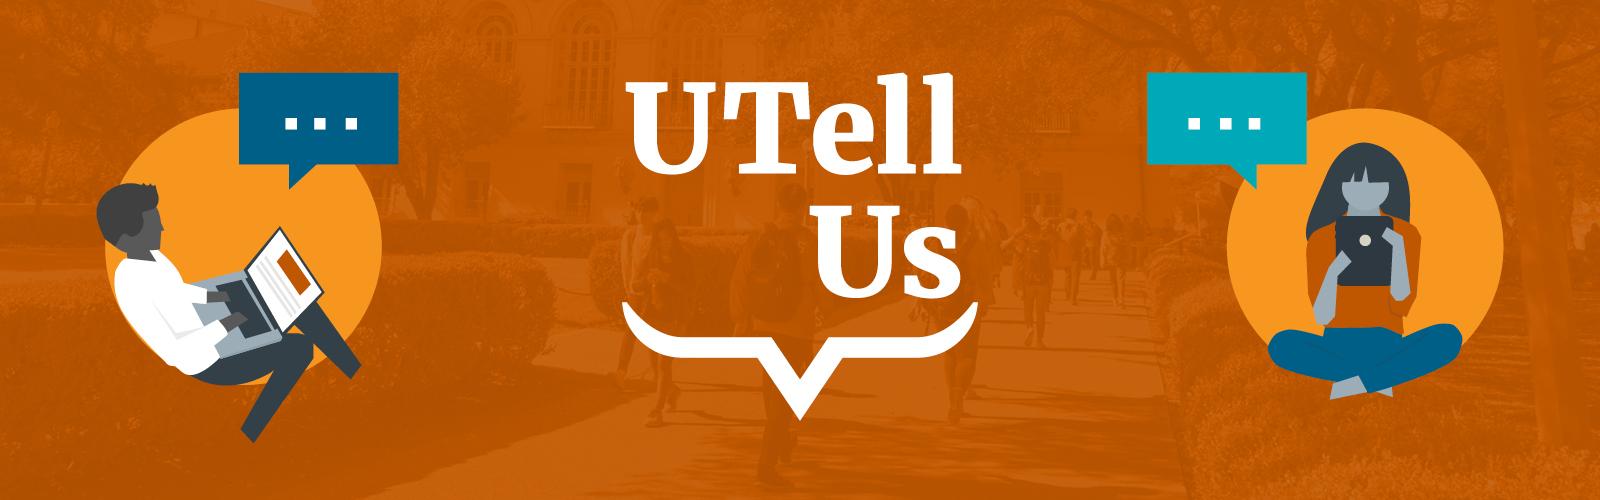 UTell Us banner